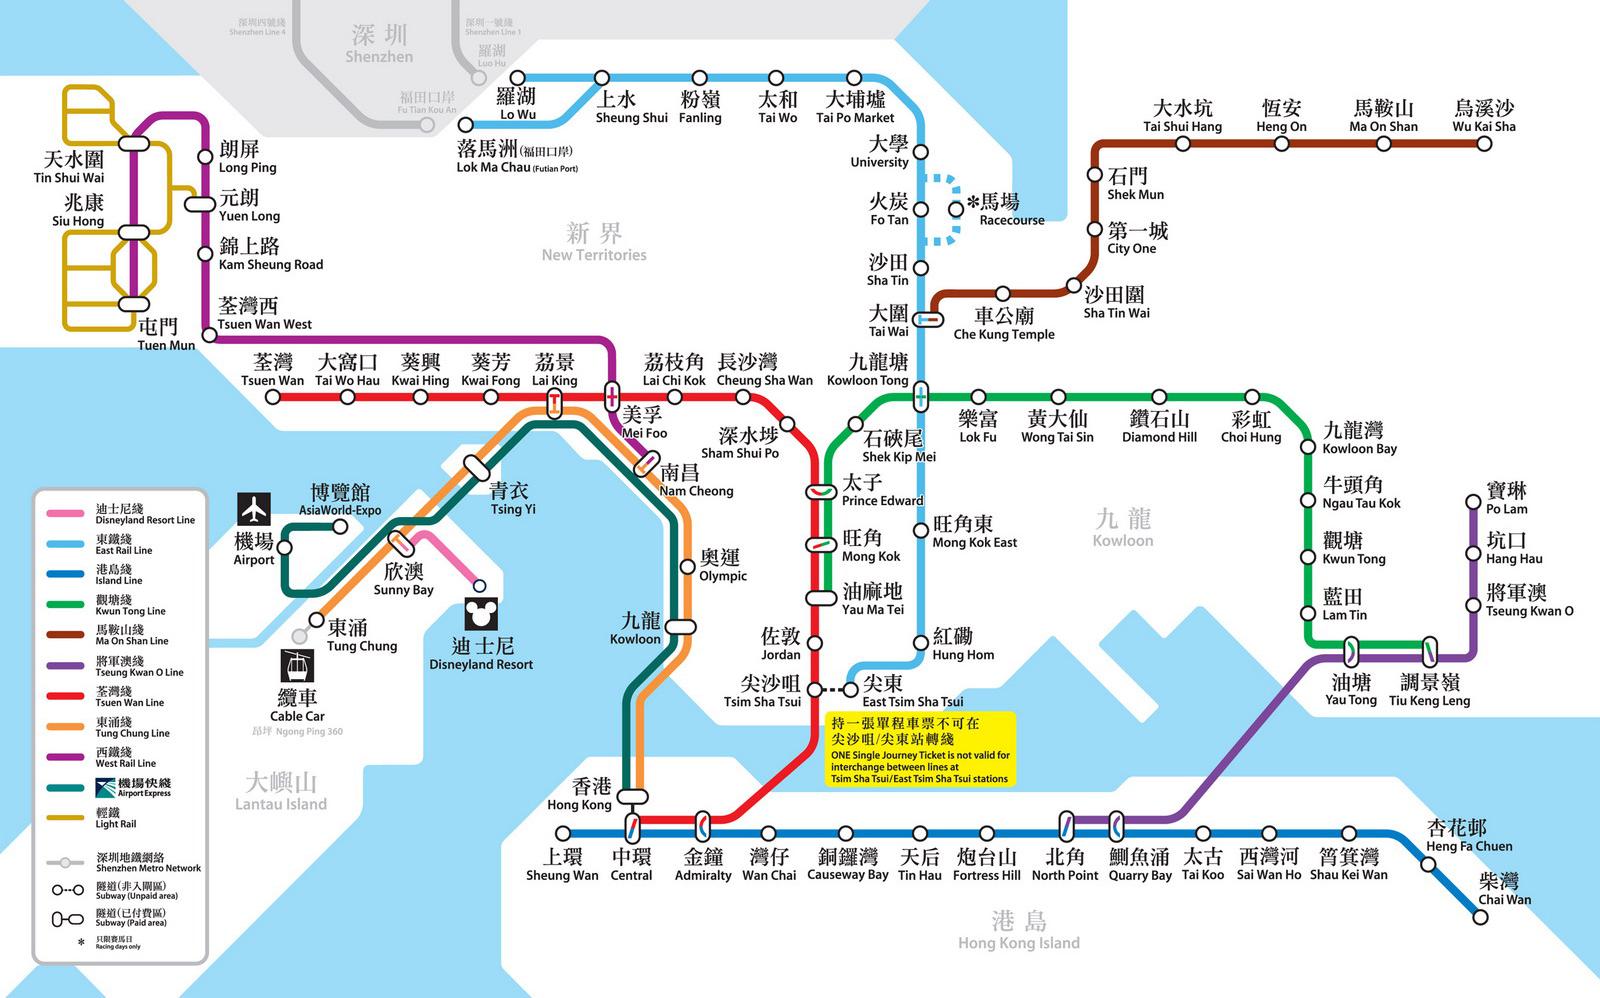 香港地铁线路图@攻略频道